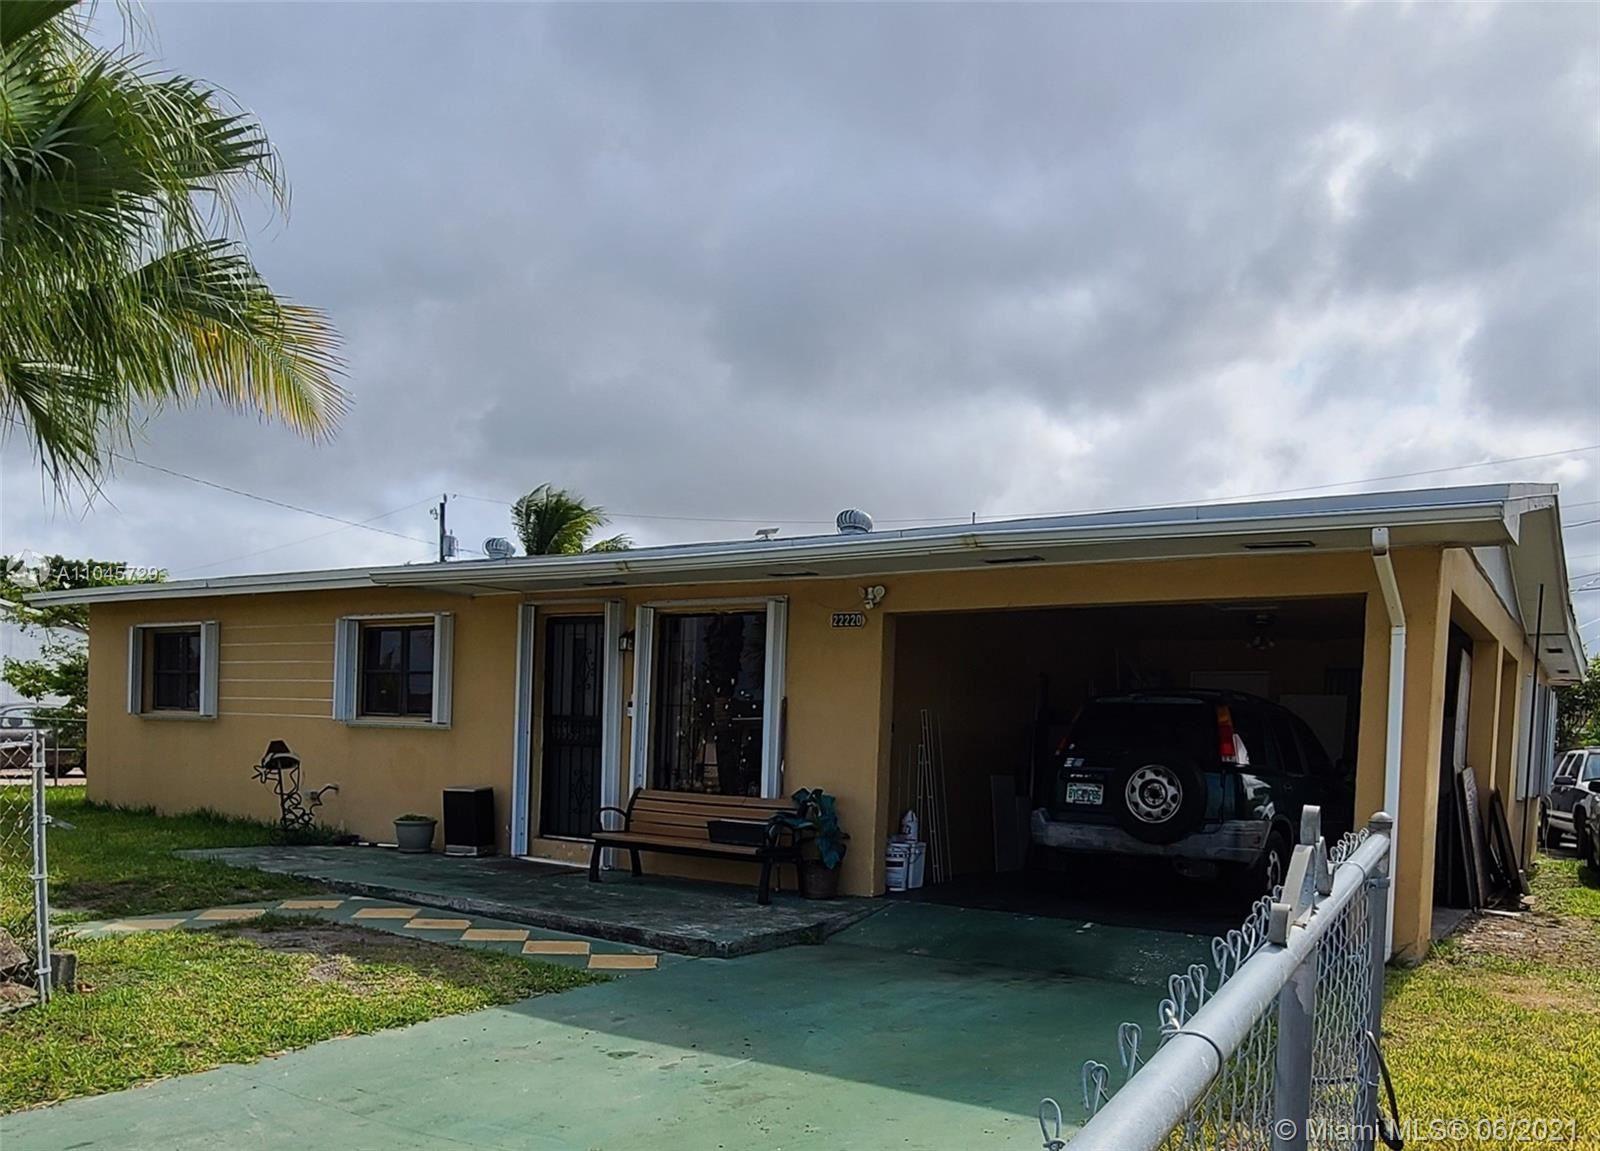 22220 SW 112th Ct, Miami, FL 33170 - #: A11045729